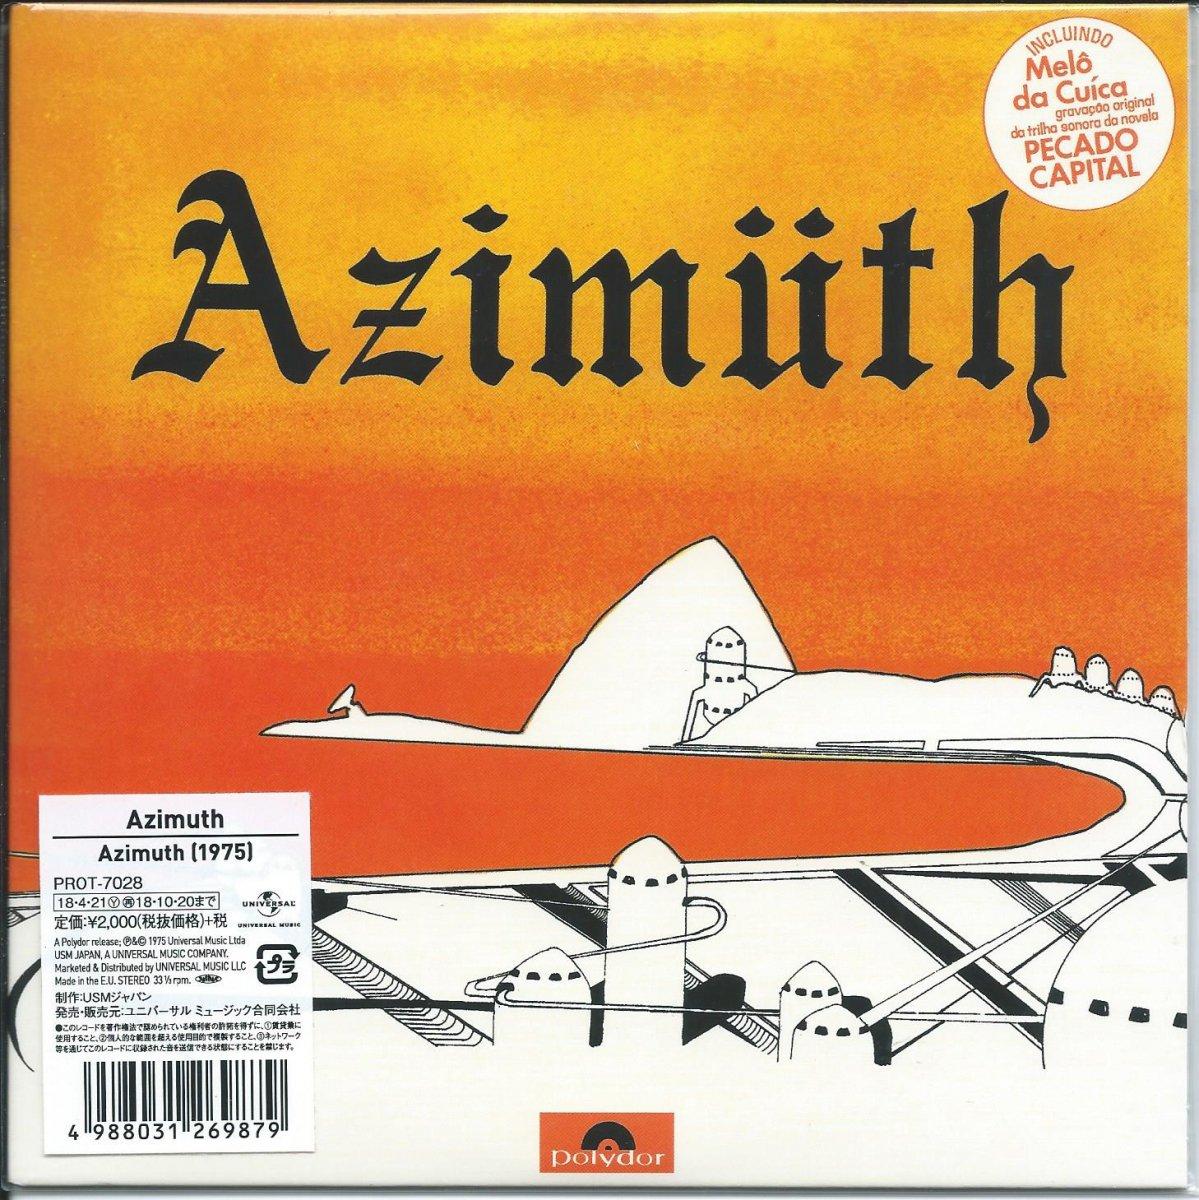 AZIMUTH / ZOMBIE / QUE É QUE VOCÊ VAI FAZER NESSE CARNAVAL (AZIMÜTH) (7